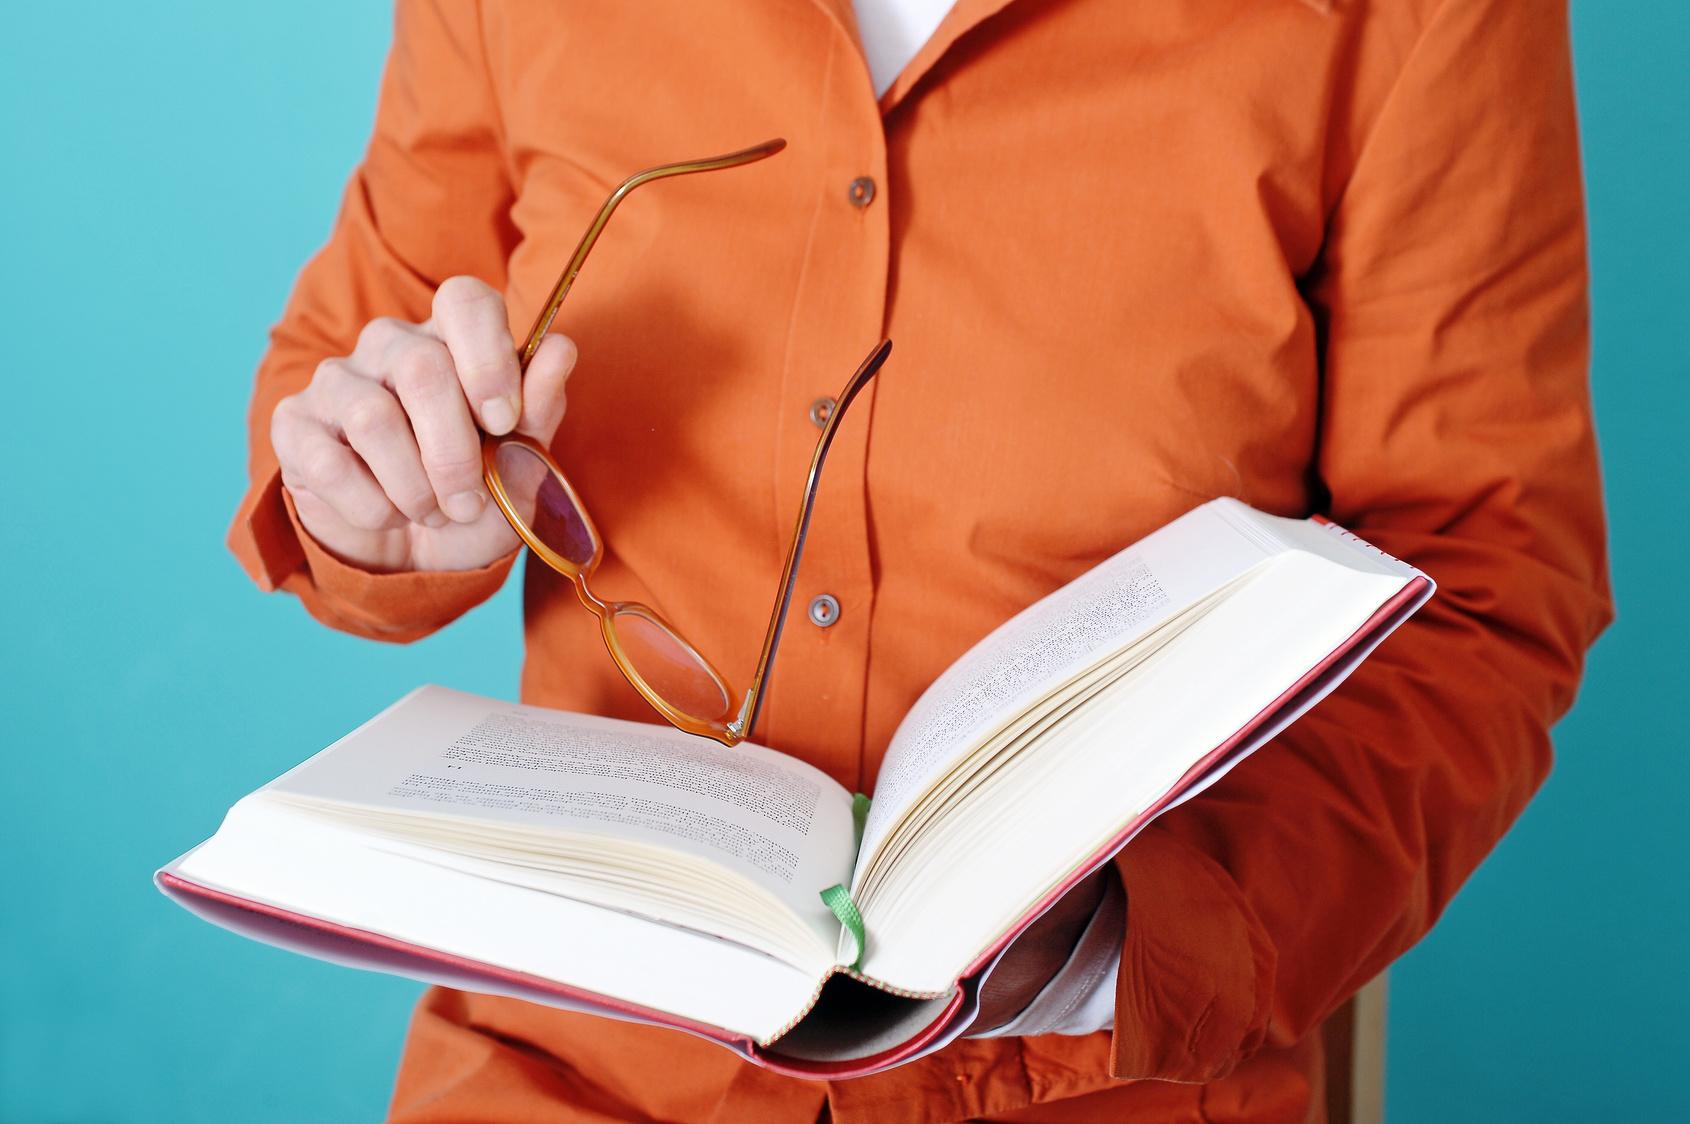 Lehrling Ü 40 wie finanzieren Sie Ihre Ausbildung